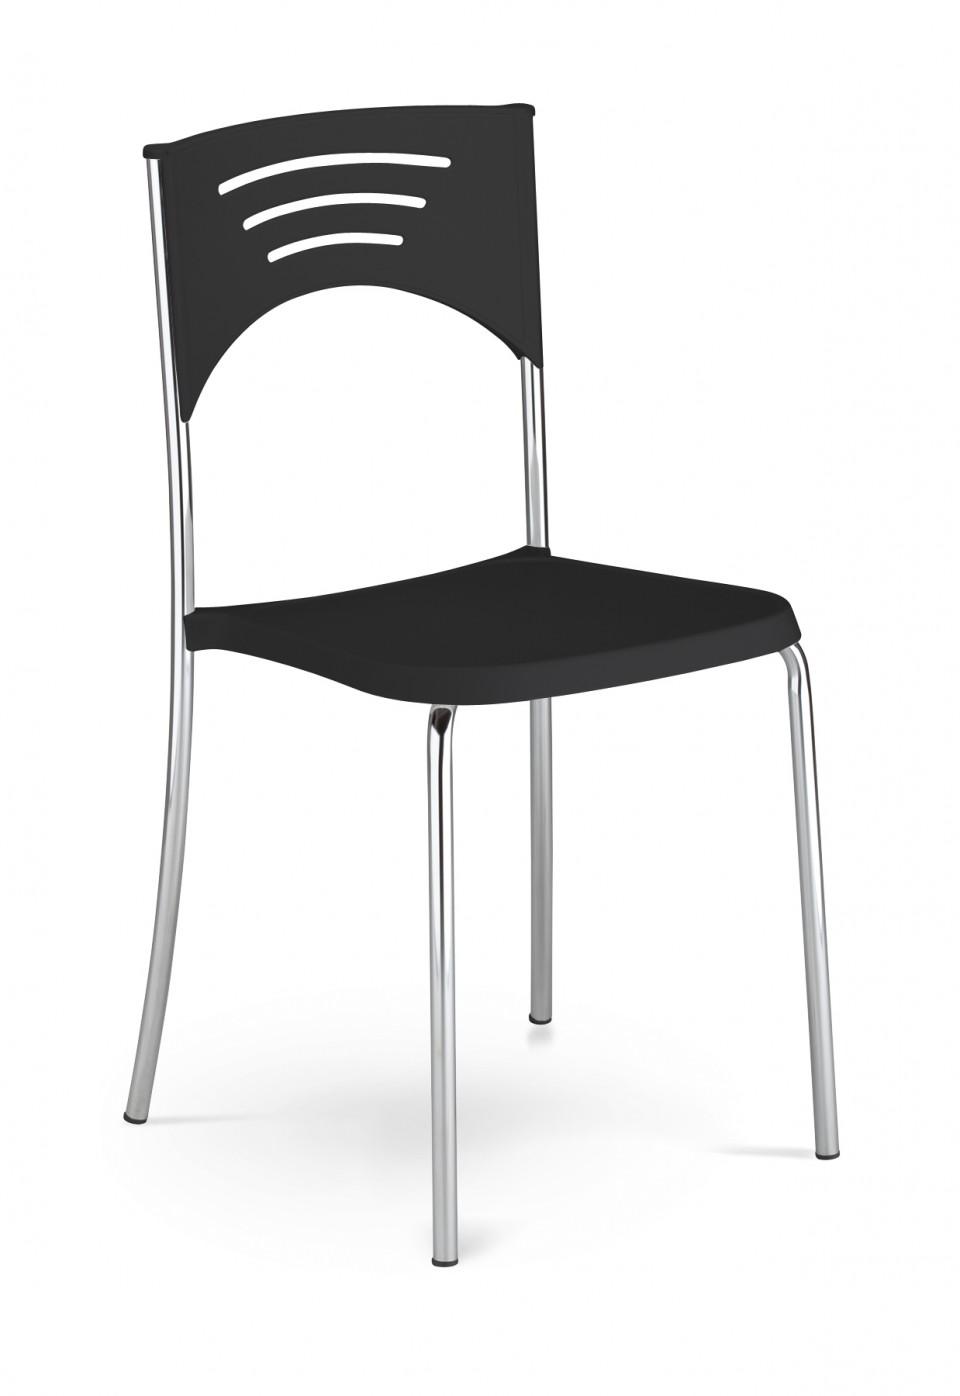 Chaise de collectivit lily achat chaise pour - Mobilier de collectivite ...